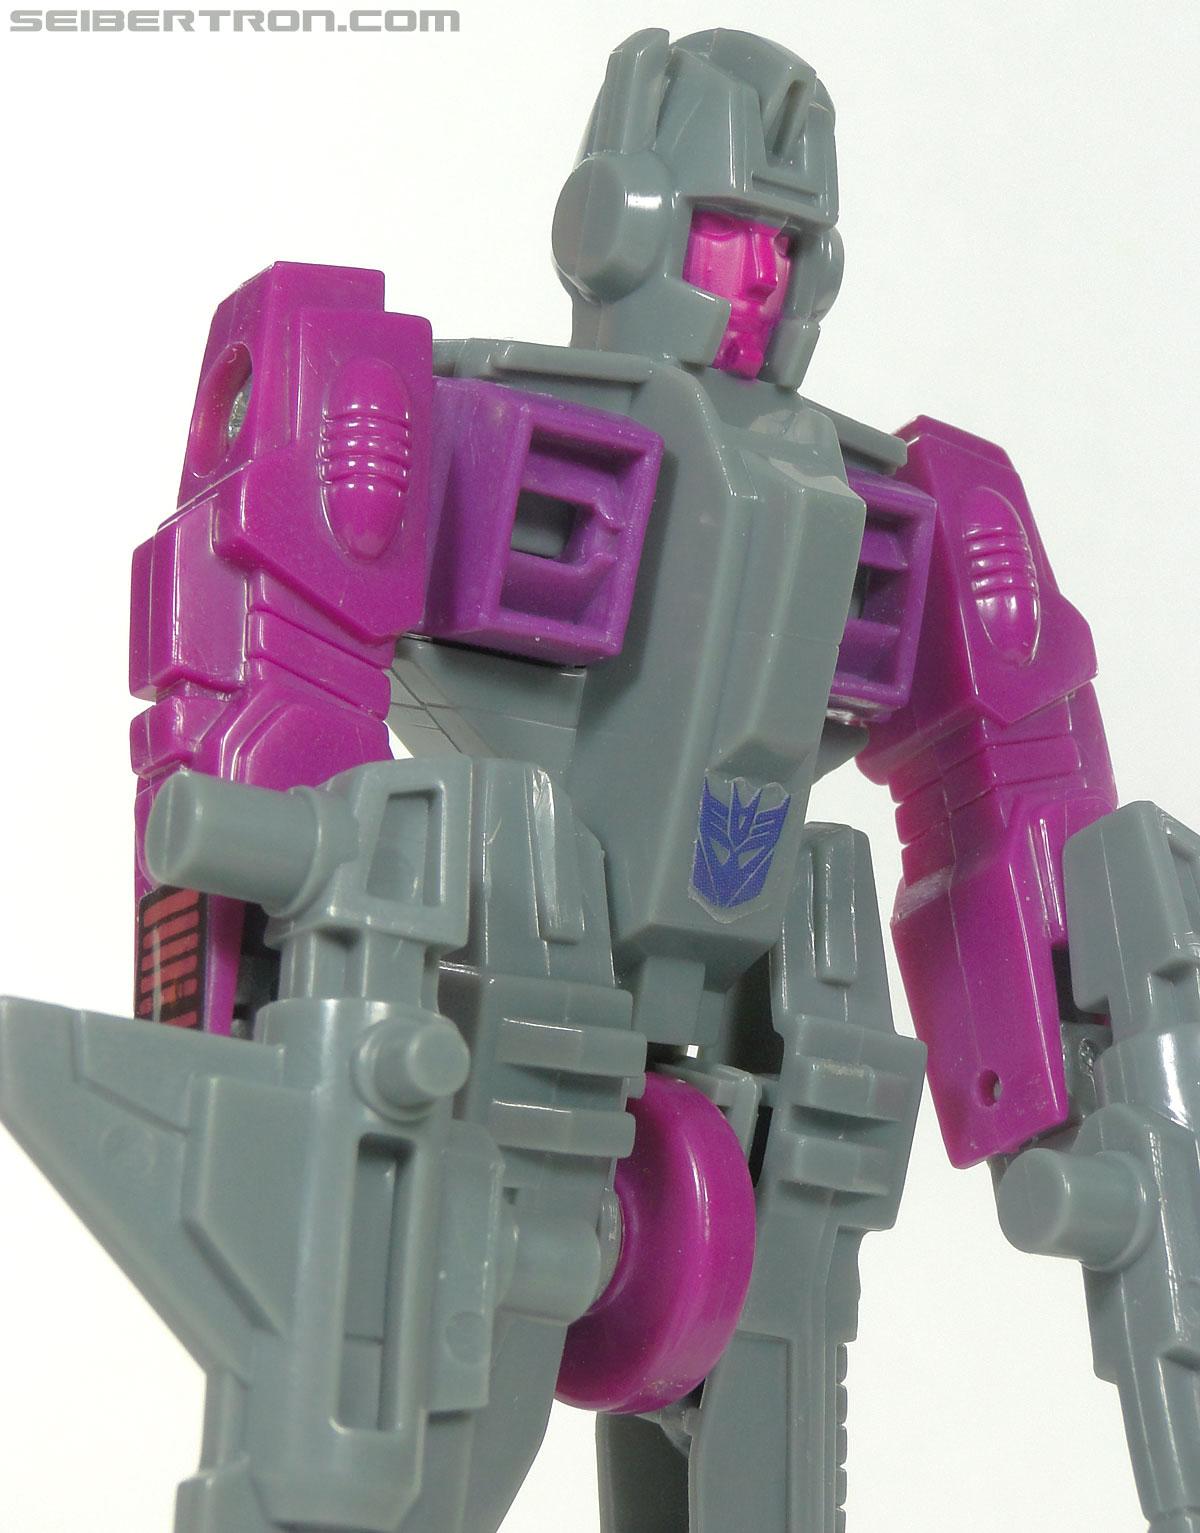 Transformers Super God Masterforce Skullgrin (Dauros) (Image #175 of 196)